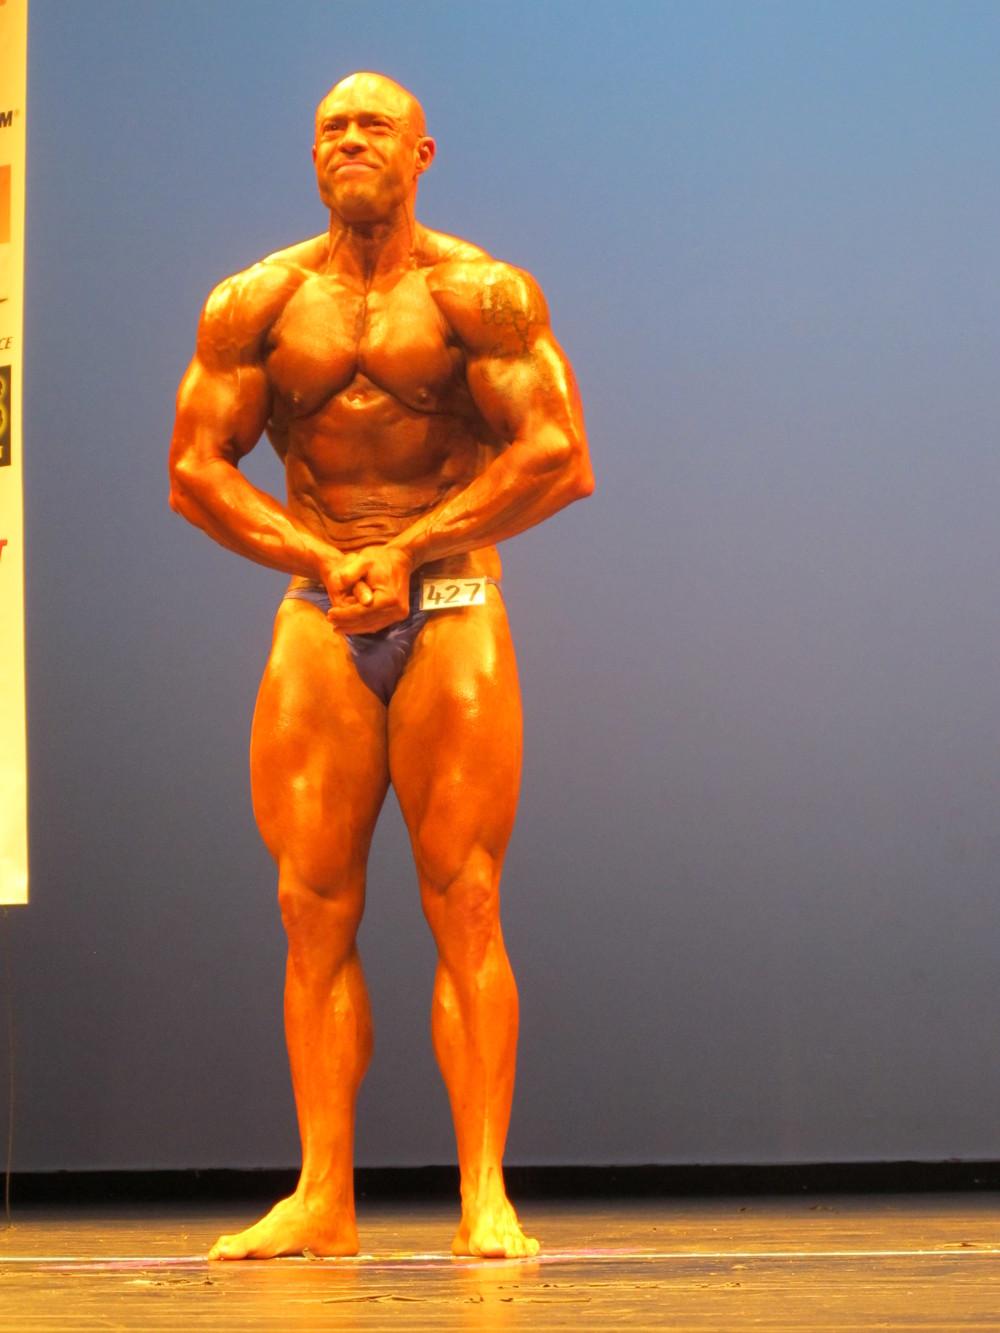 bodybuilding 246.jpg